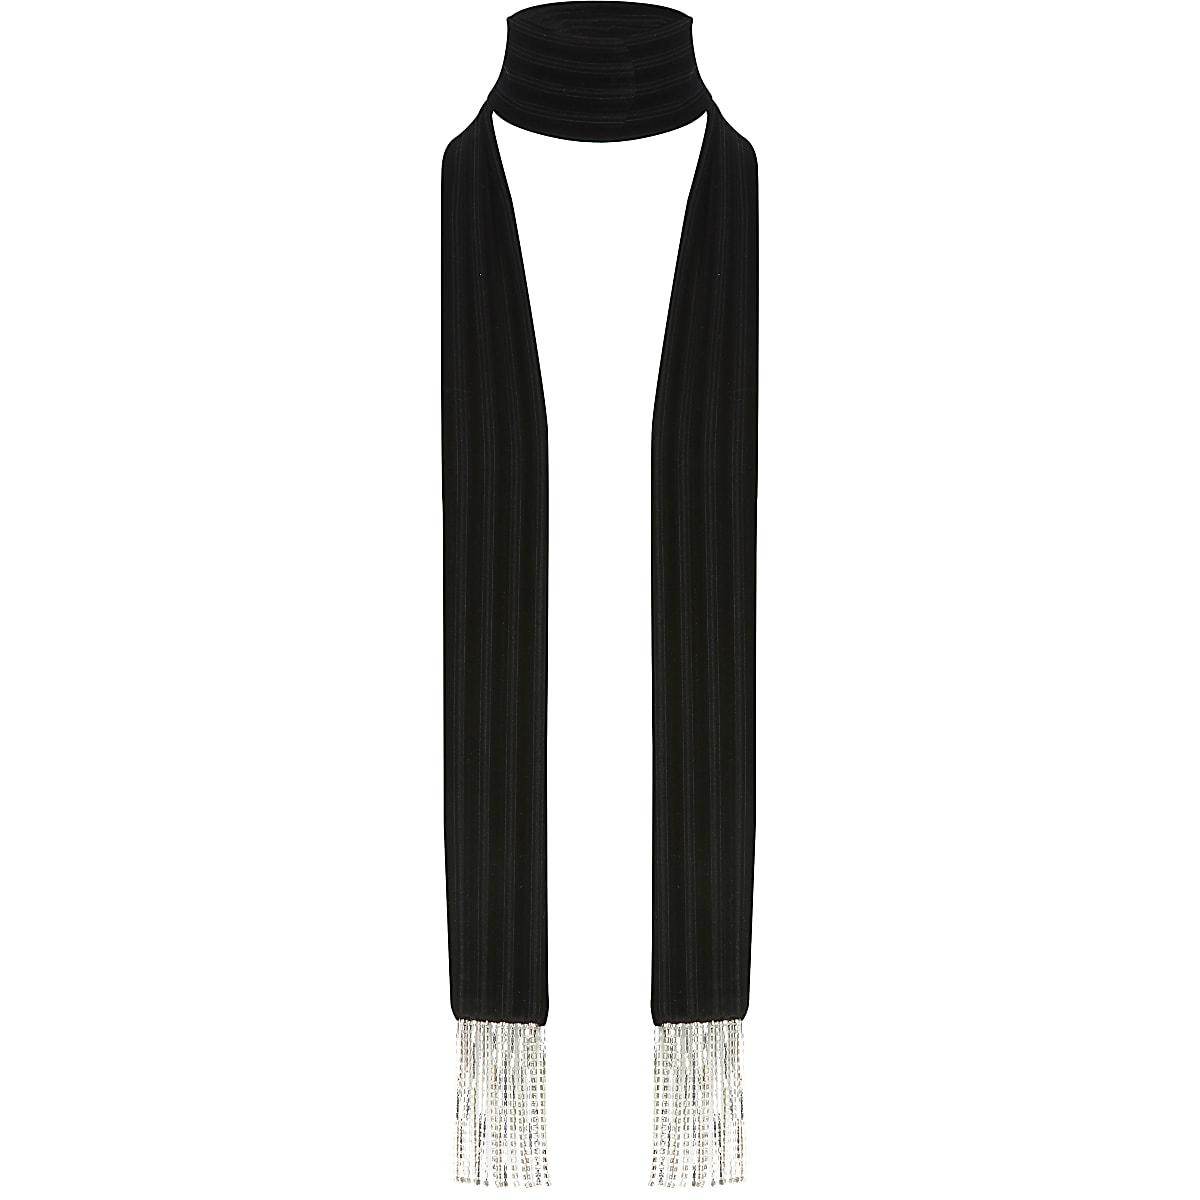 Écharpeétroiteen velours noir avec frangesà strass